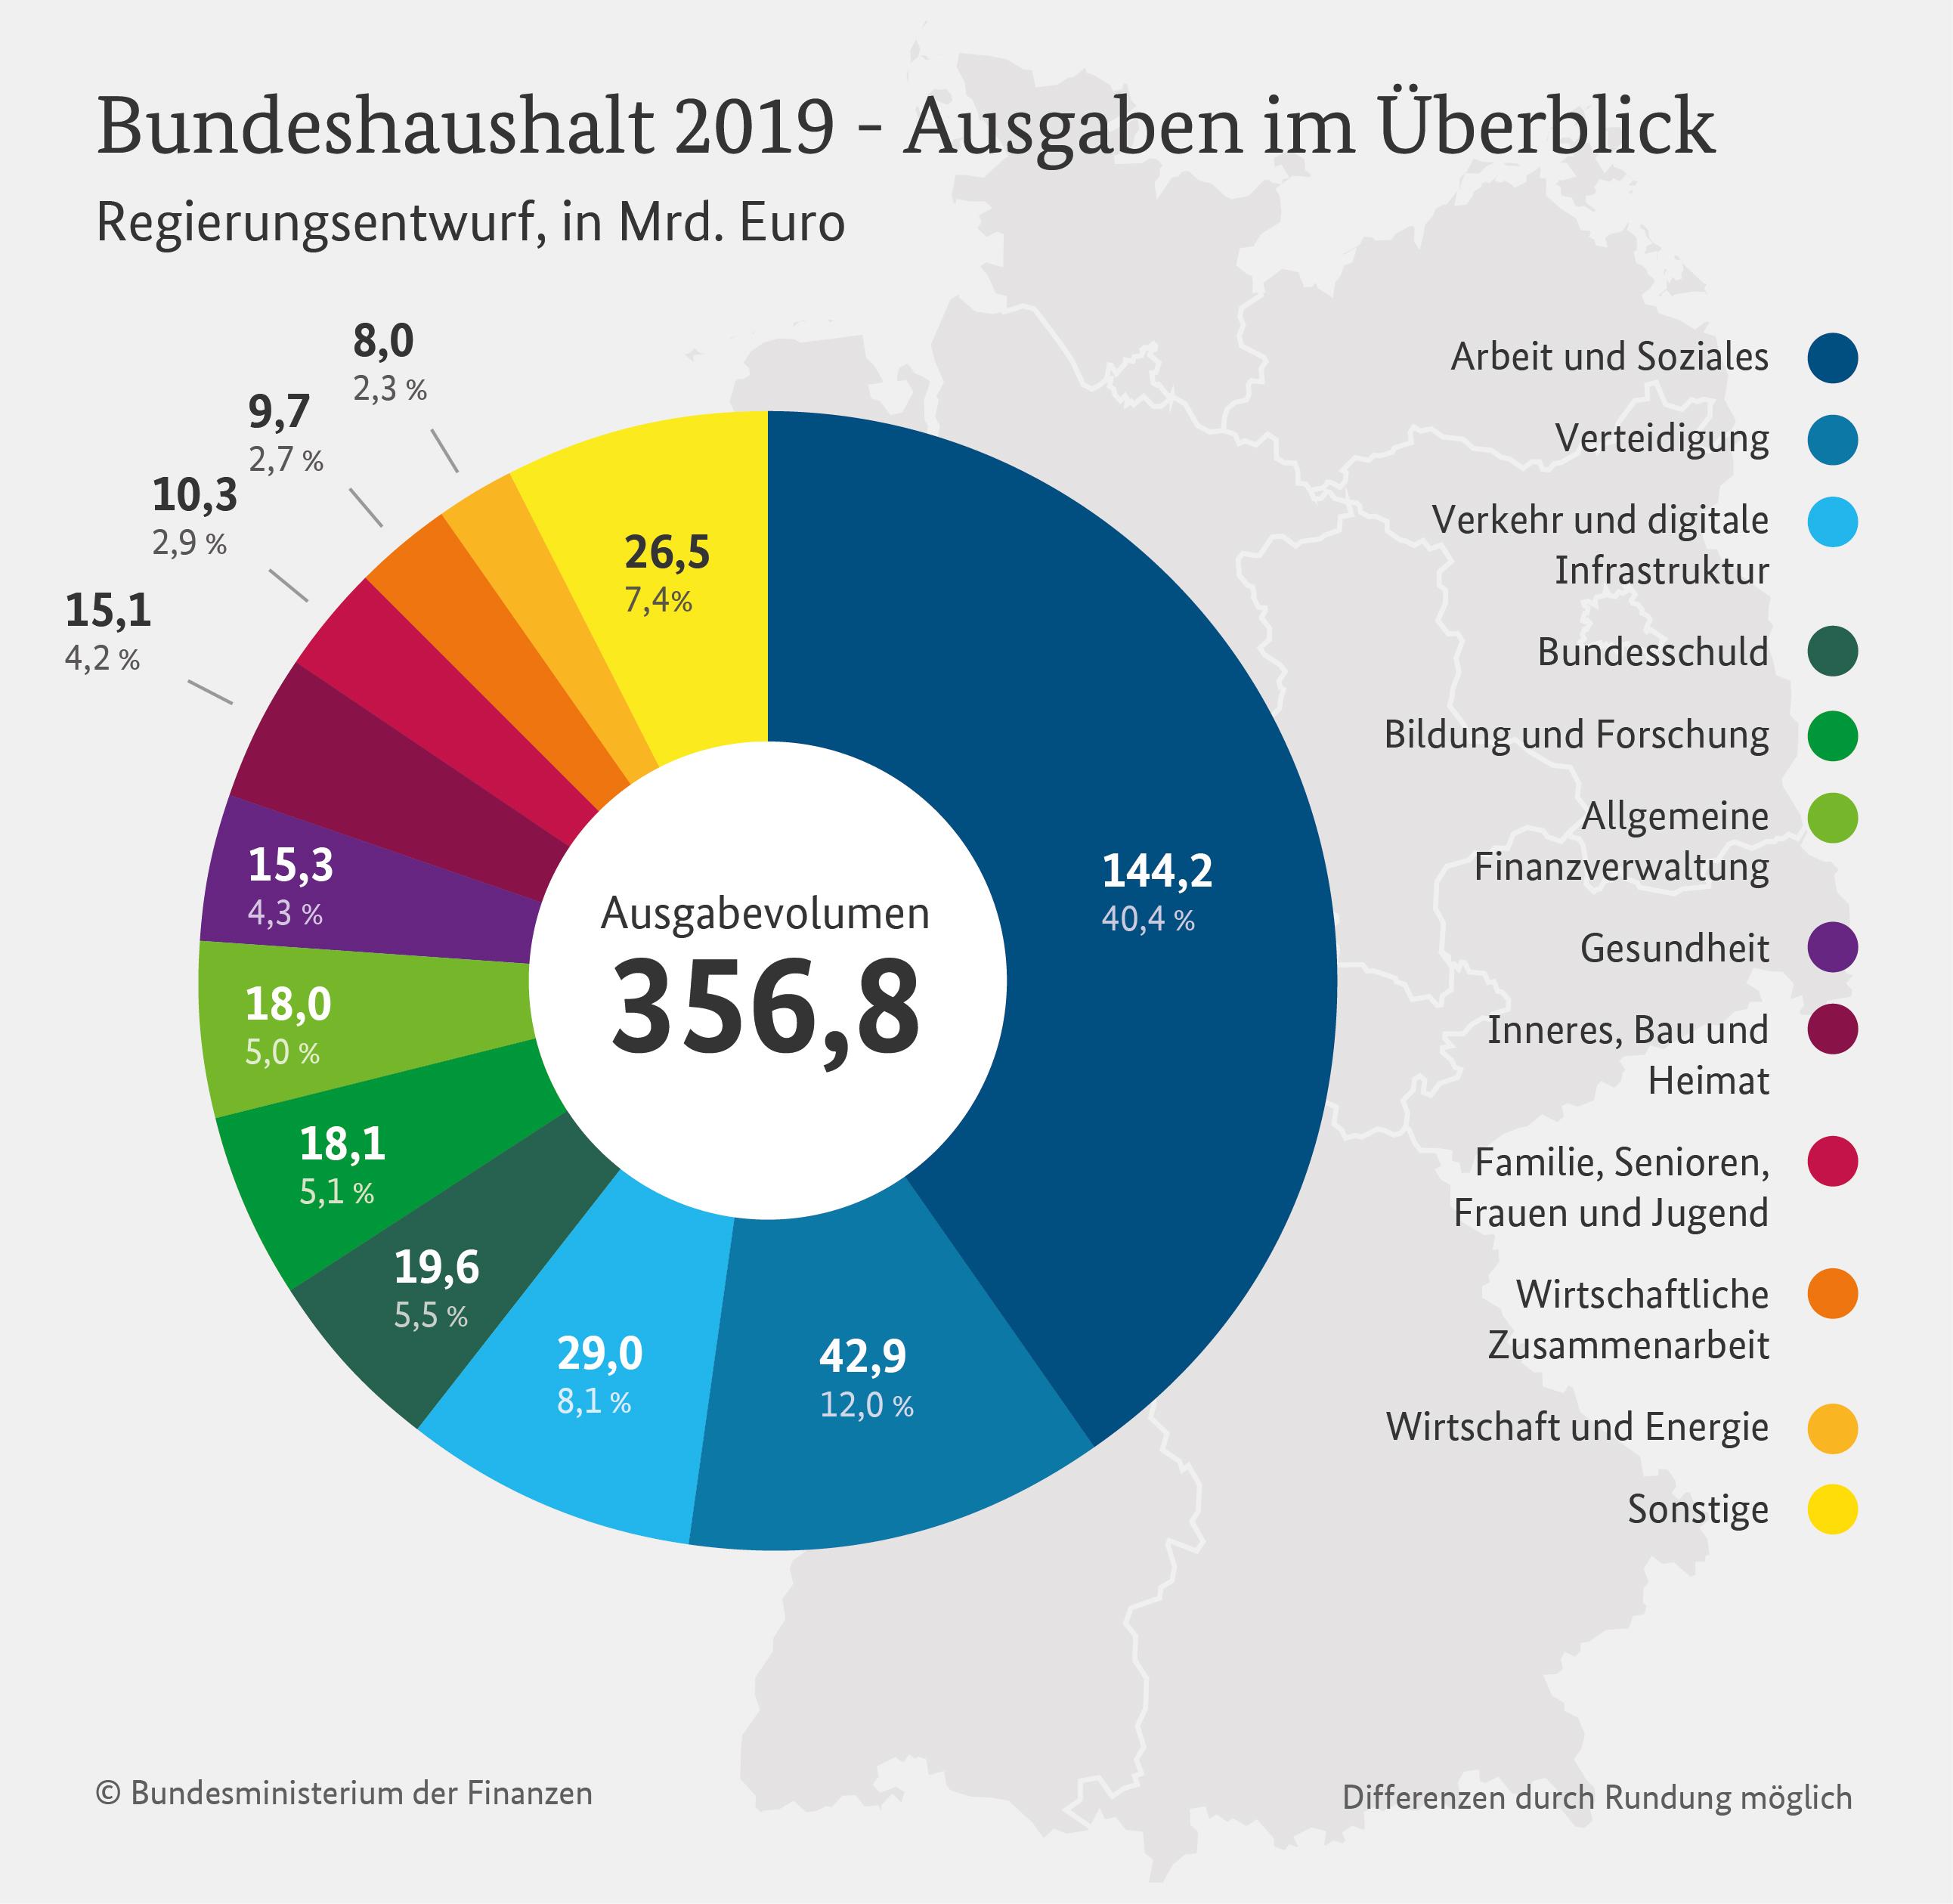 https://www.bundesfinanzministerium.de/Datenportal/Daten/frei-nutzbare-produkte/Bilder/Infografiken/Entwurf-der-Ausgaben-Bundeshaushalt-2019.jpg?__blob=poster&v=3